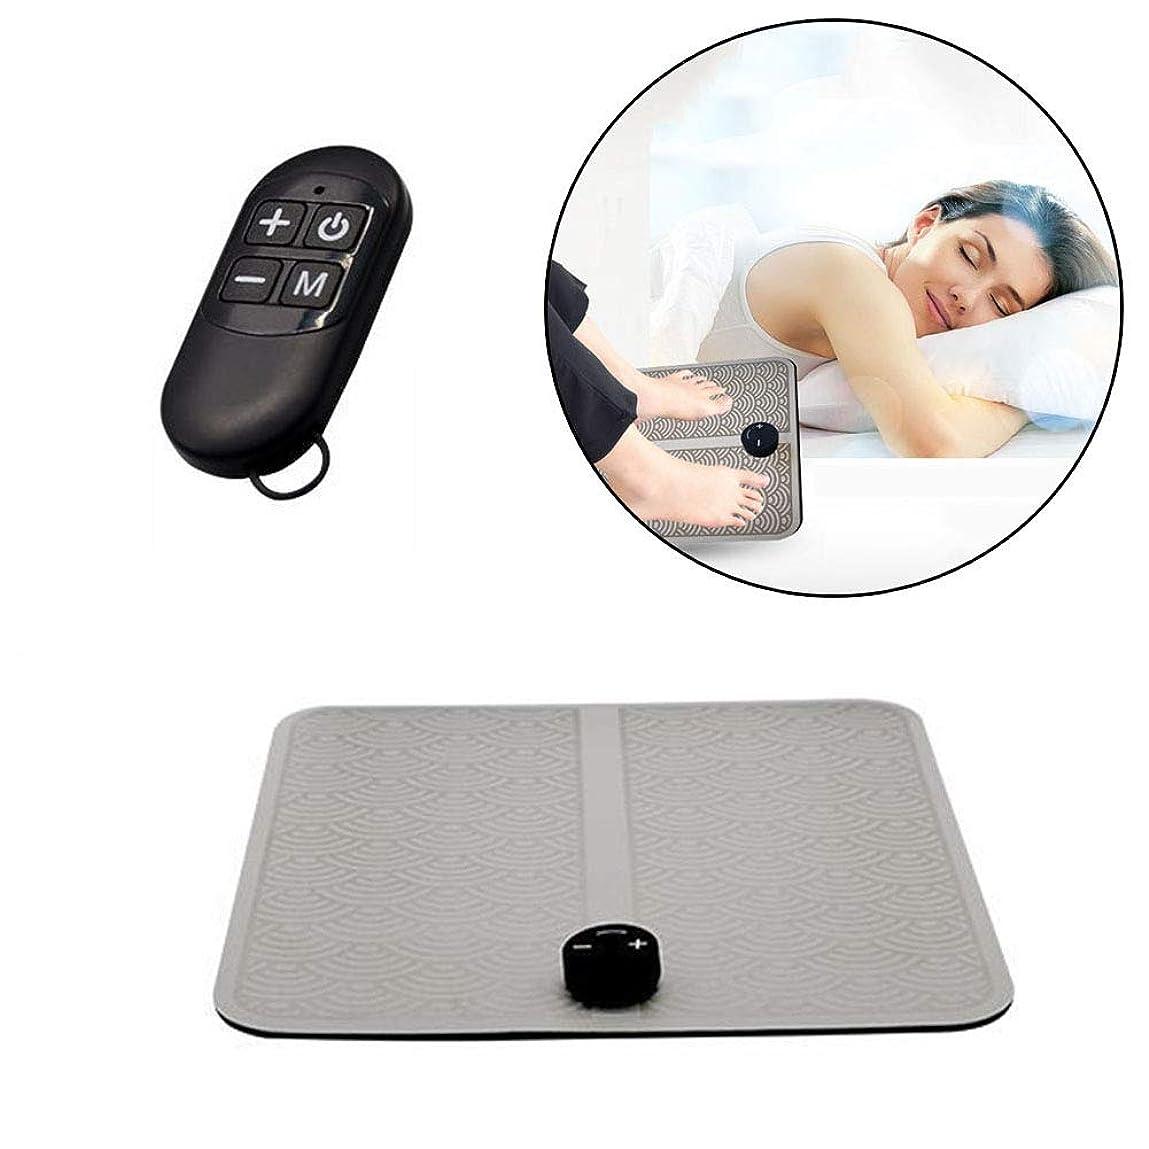 頂点道徳教育所持USBフットマッサージャー(EMS)電磁的に充電可能な筋肉刺激による痛みの緩和、ワイヤレス血液循環の改善、足の疲労の緩和